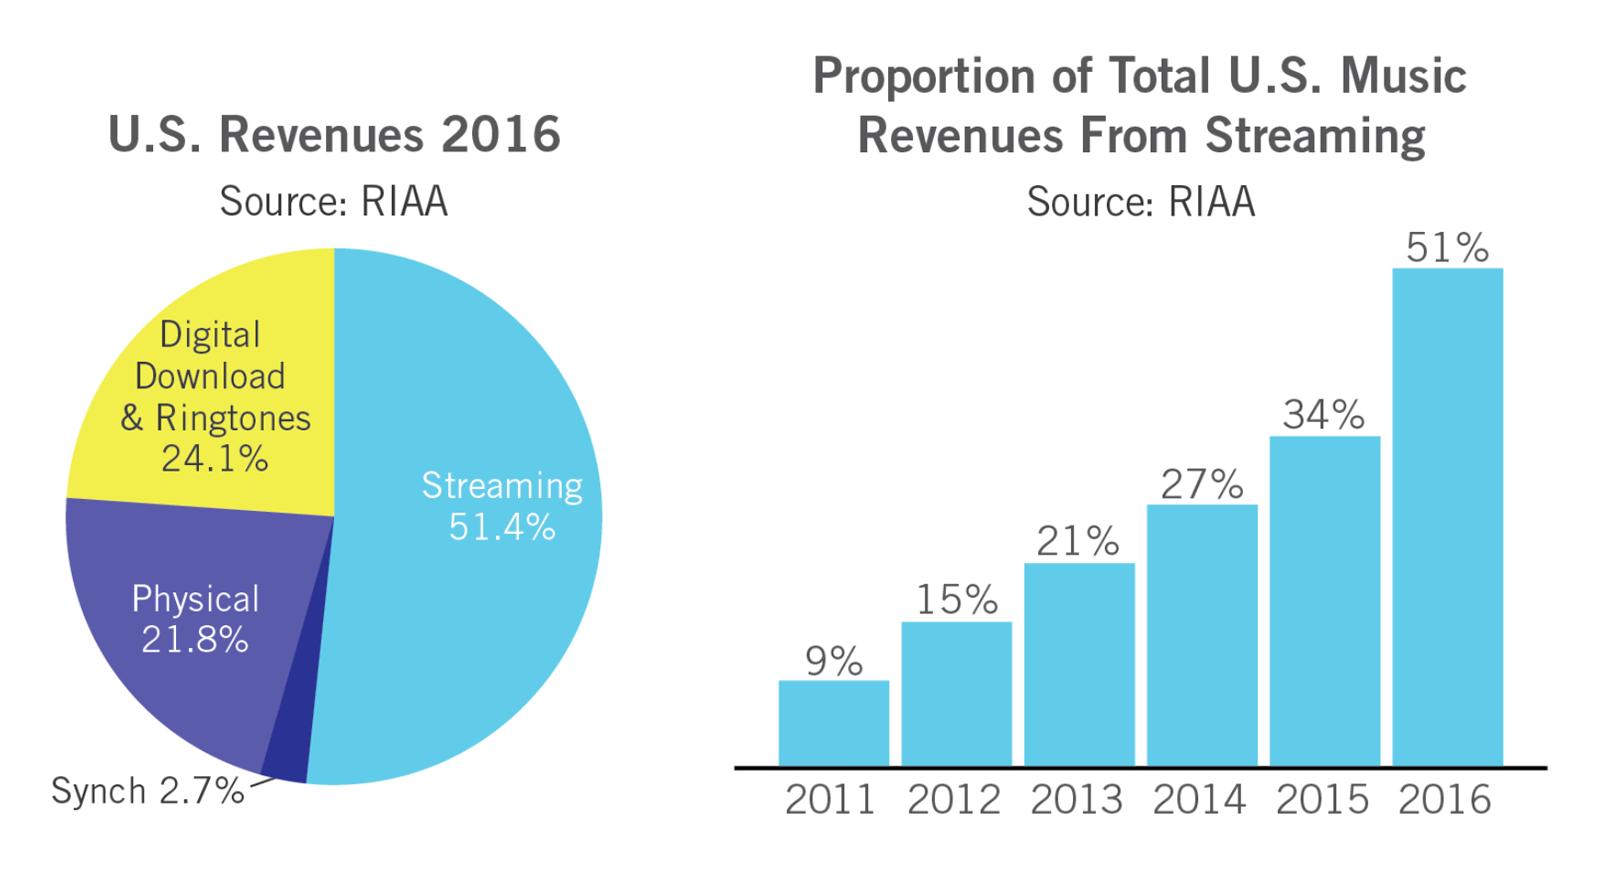 Les parts des diverses sources de revenus pour 2016 aux État-Unis, et la croissance des revenus puisés des services de diffusion par Internet.